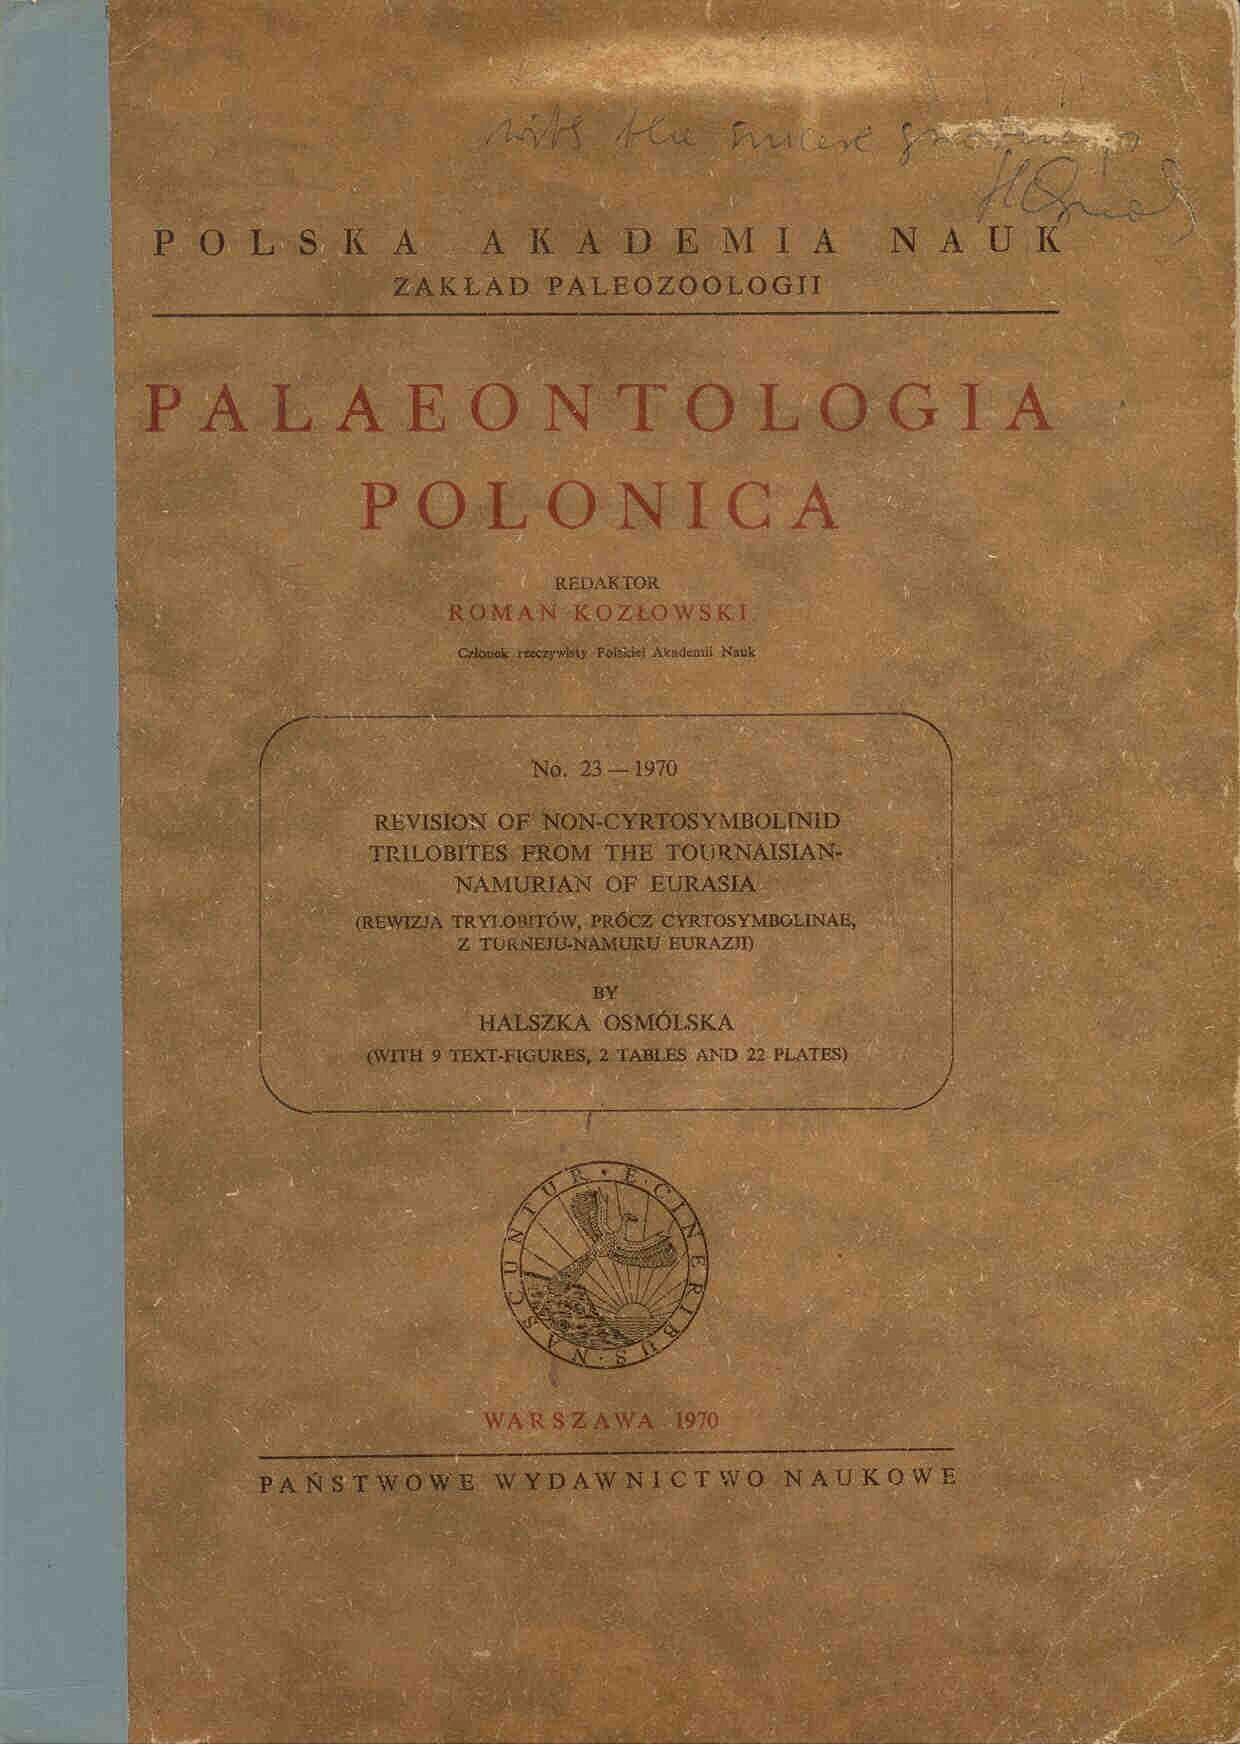 Osmolska, H.: Revision of non-cyrtosymbolinid trilobites from the Tournaisian-Namurian of Eurasia.